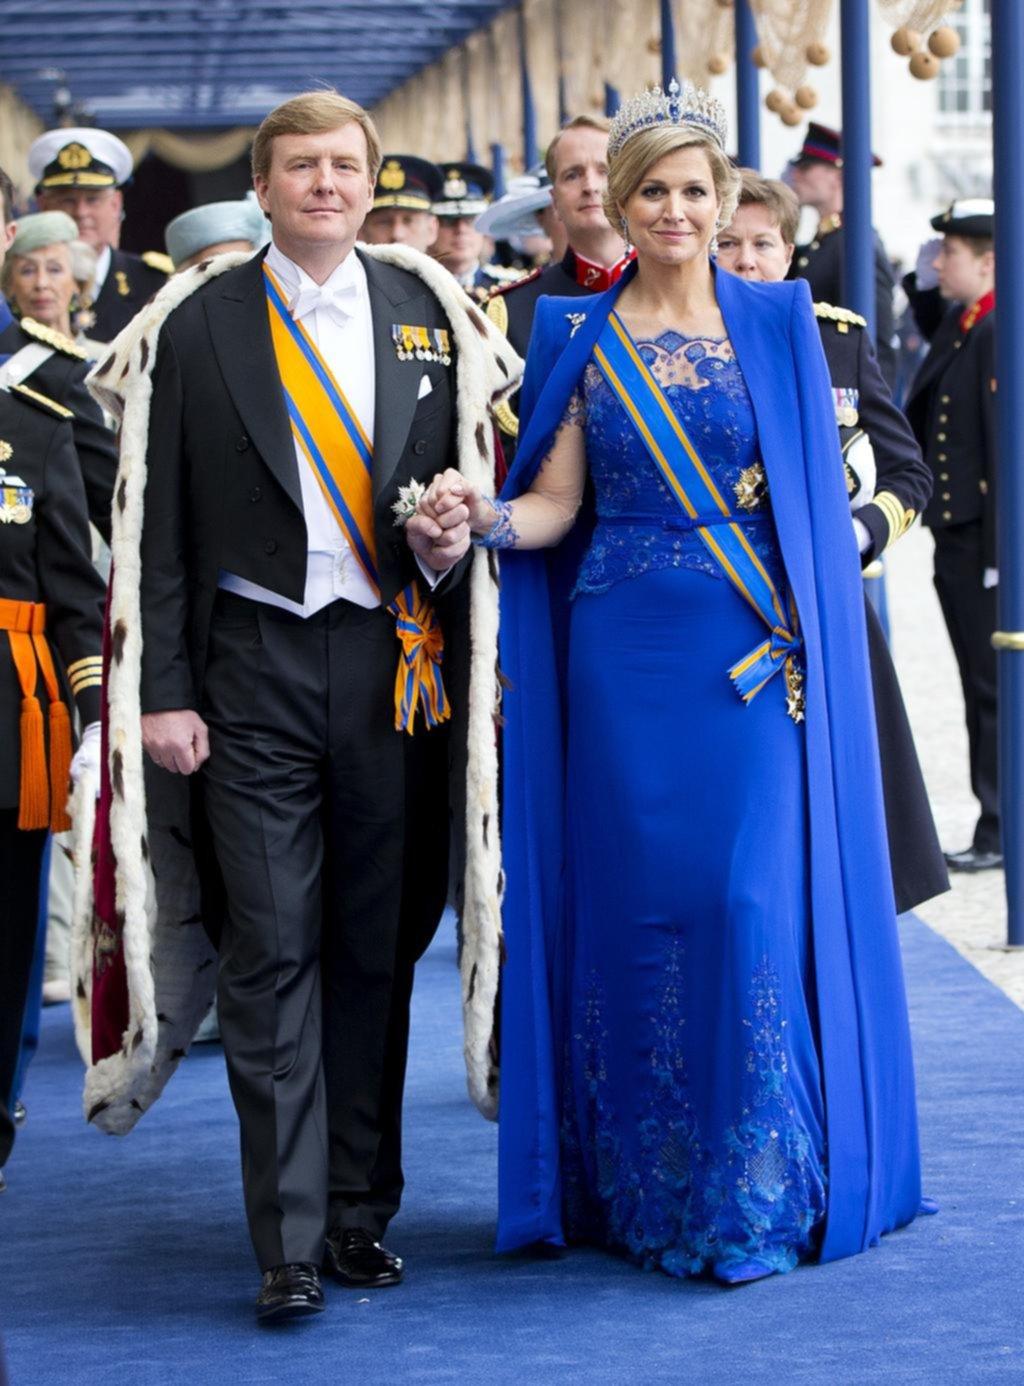 Diseñadores con coronita Los elegidos por reinas y princesas